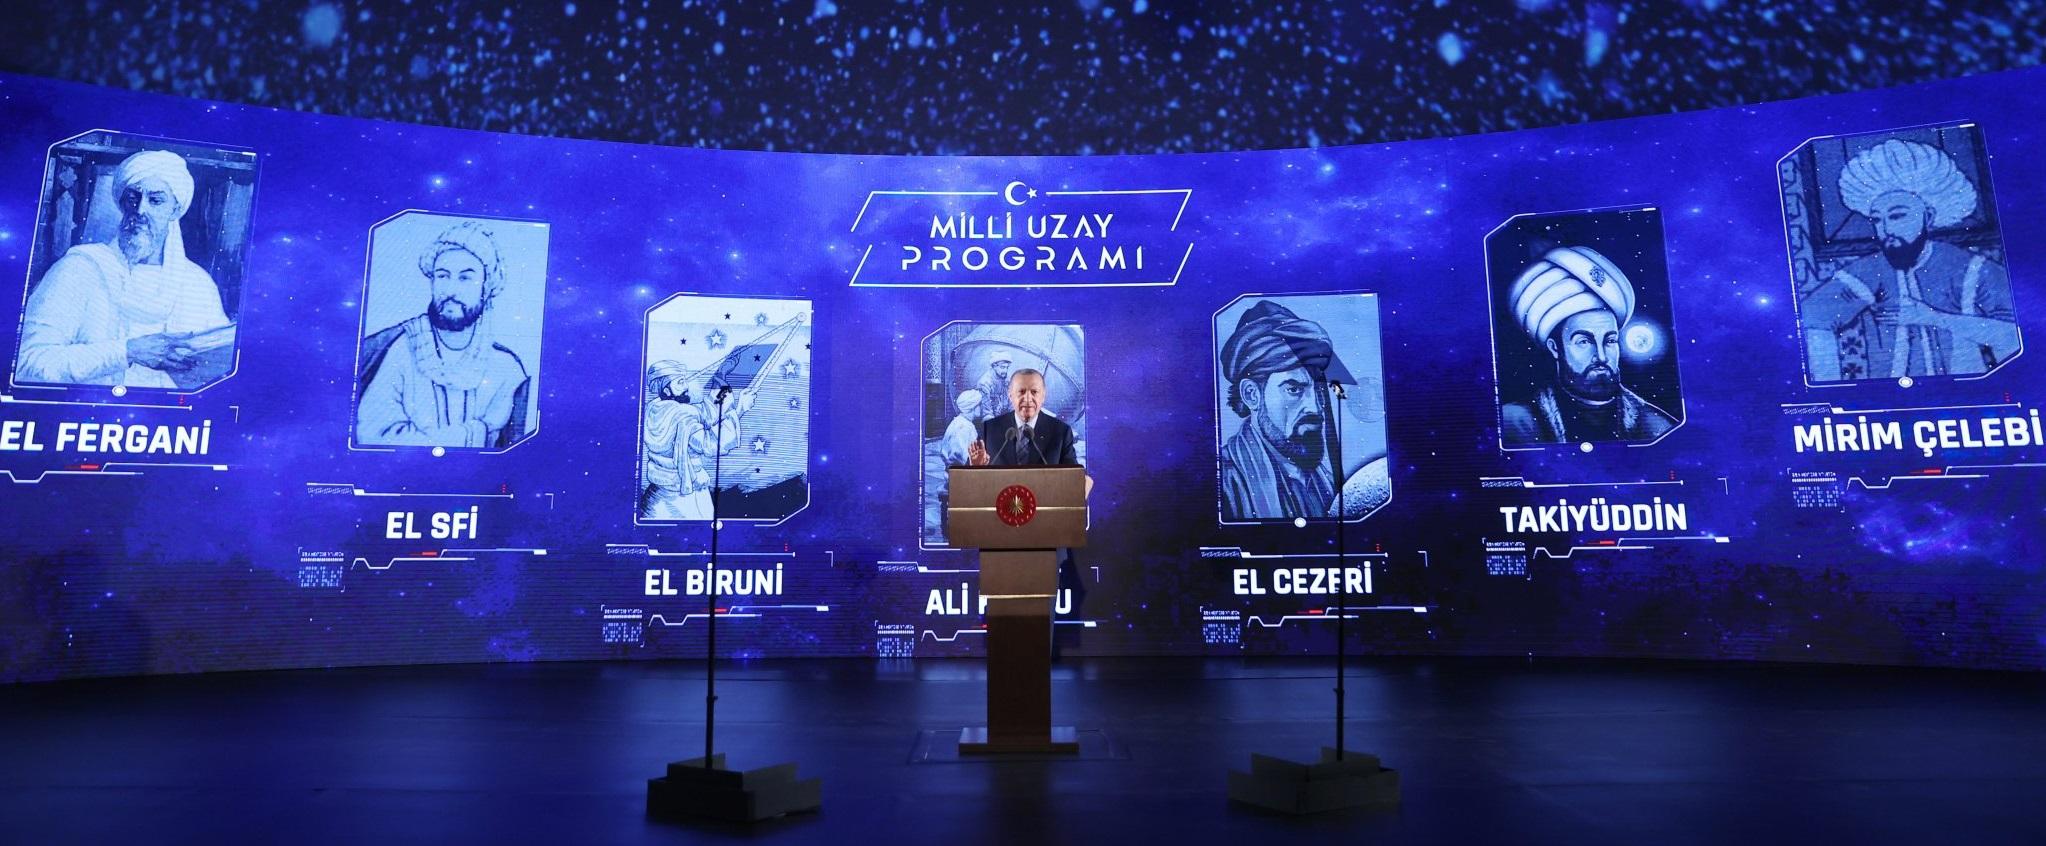 Cumhurbaşkanı Erdoğan, Milli Uzay Programı'nın Ana Hedeflerini Açıkladı